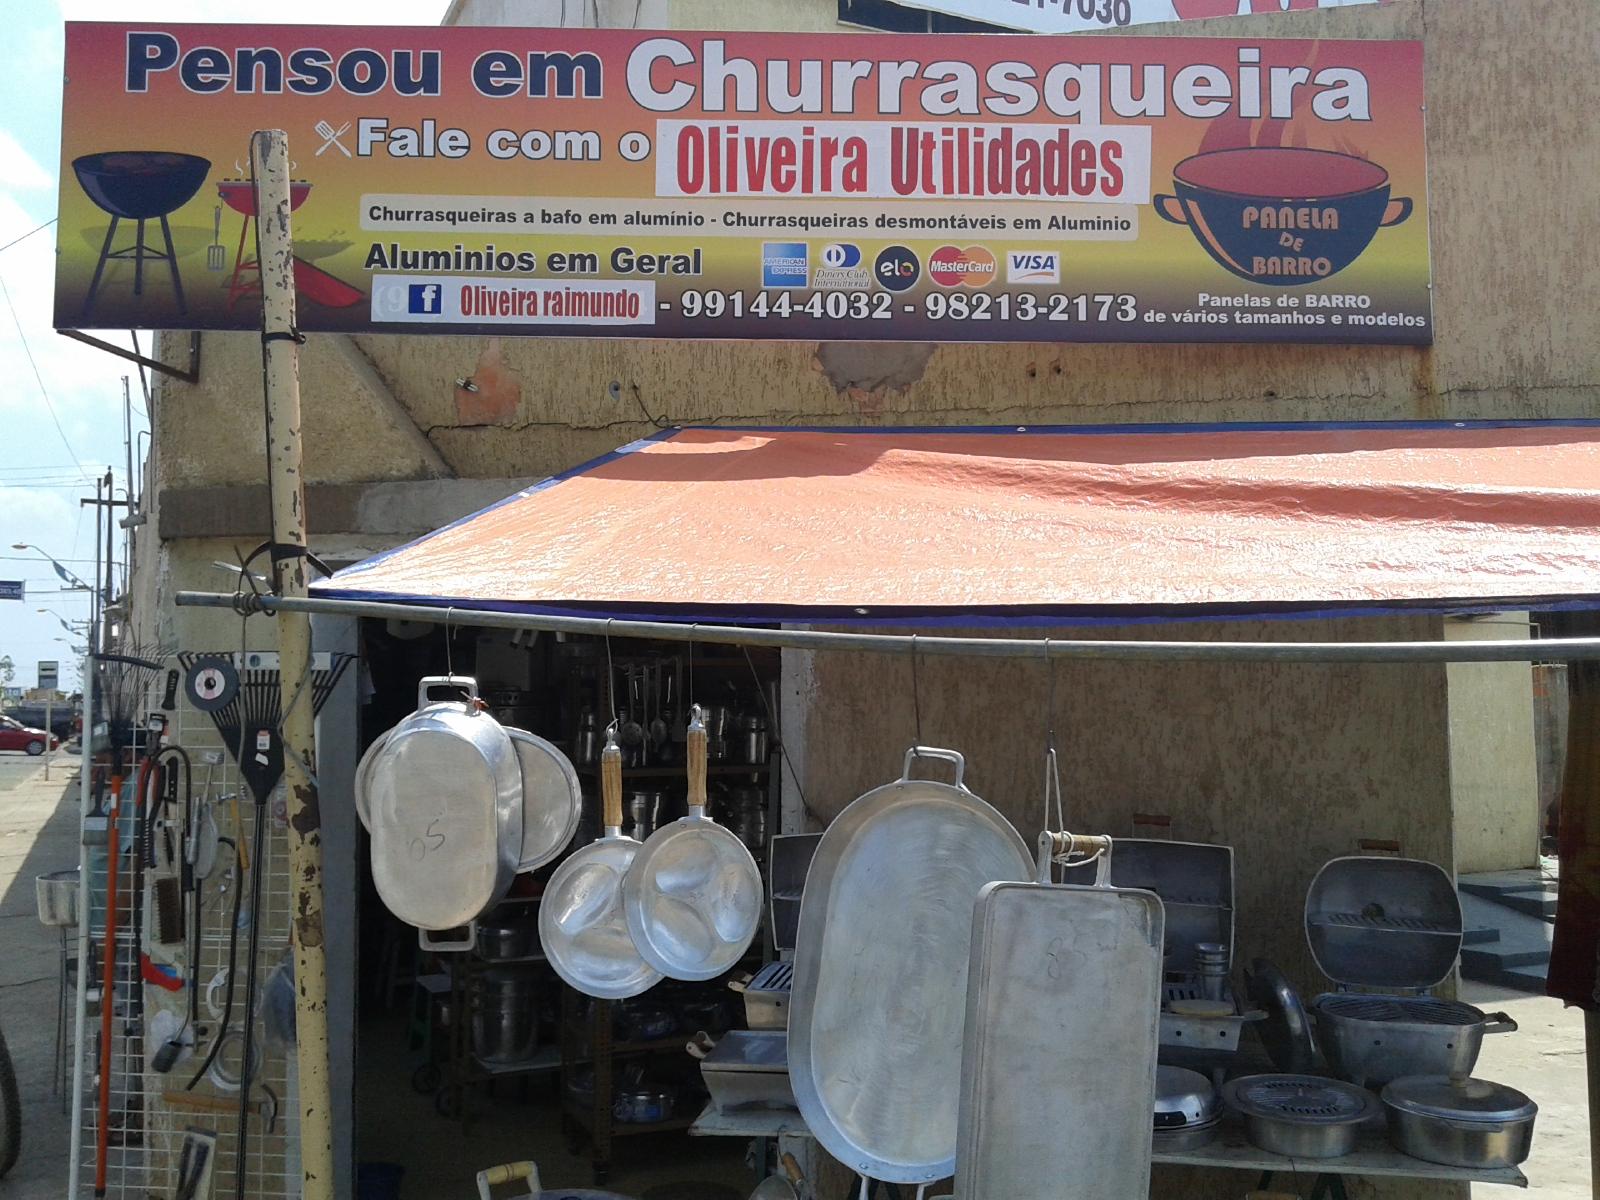 PENSOU EM CHURRASQUEIRA, FALE COM O SEU OLIVEIRA.